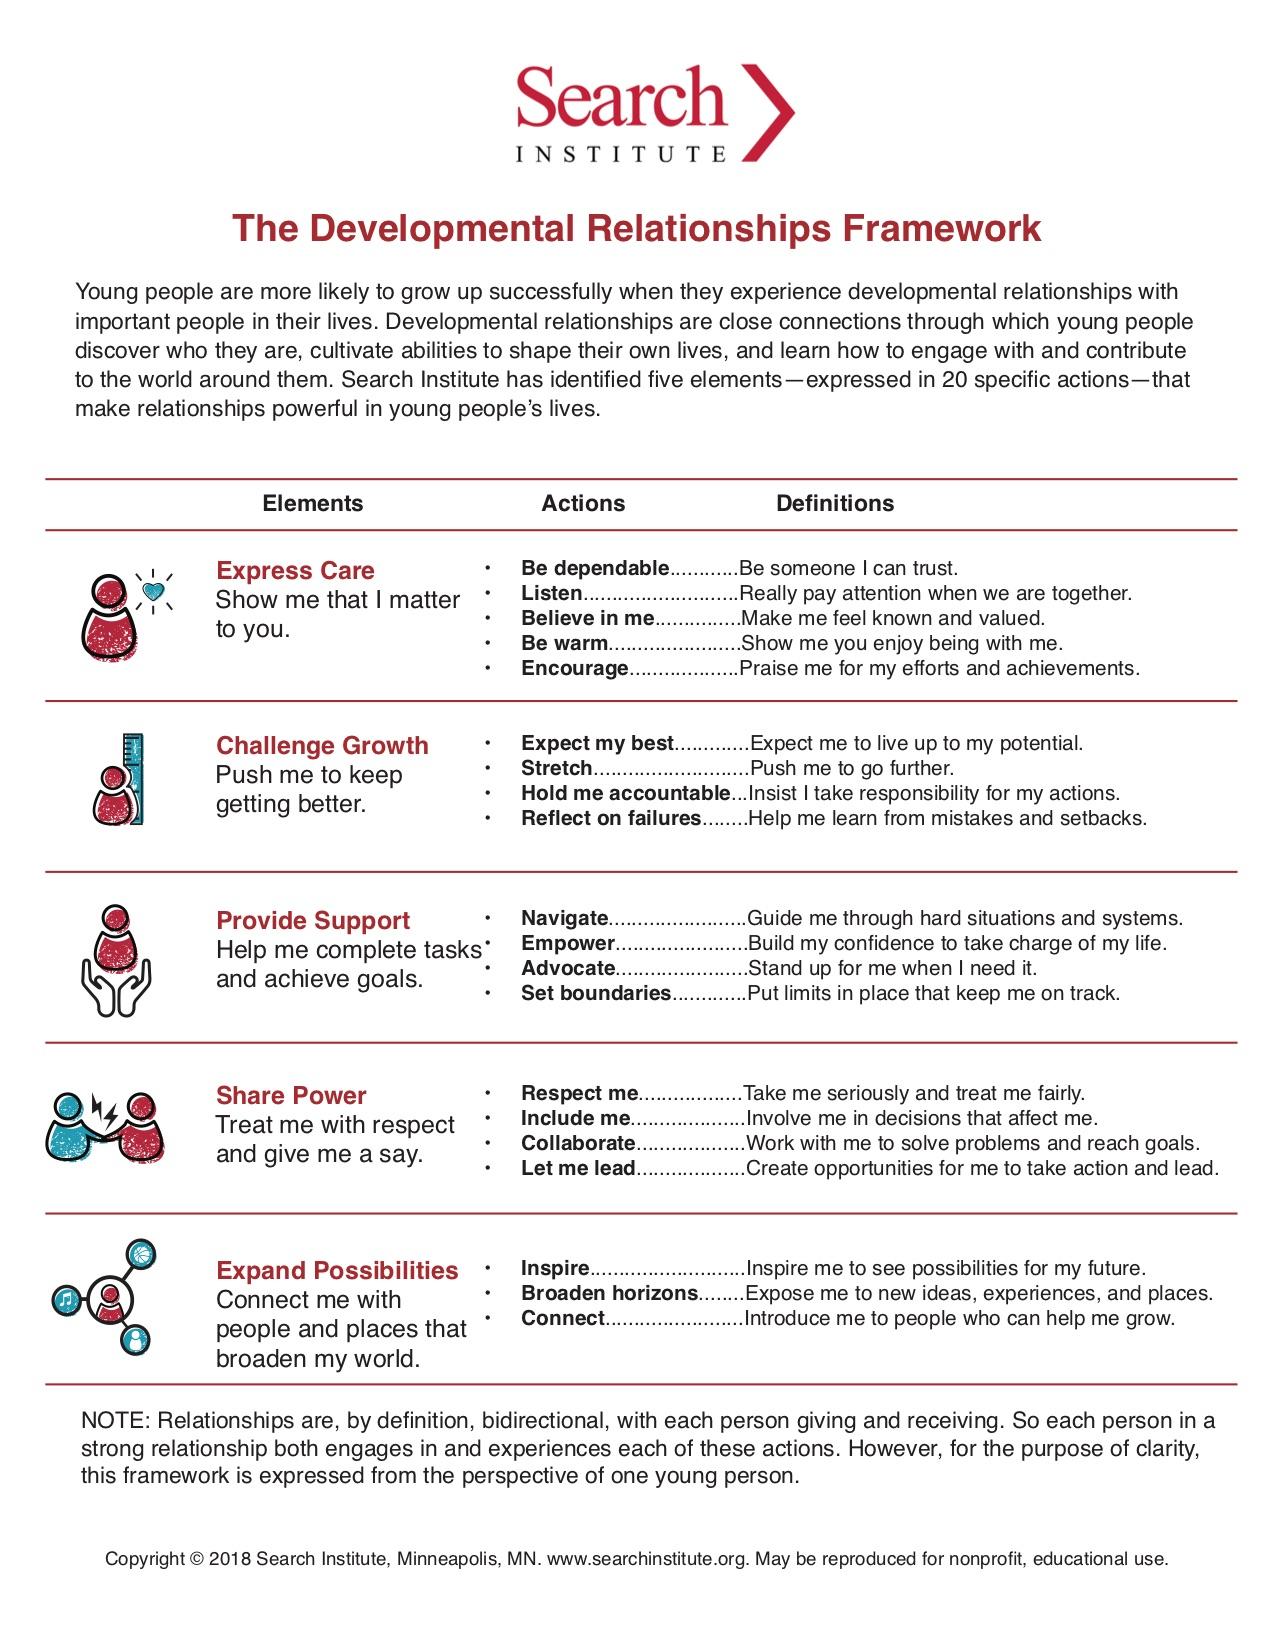 Developmental Relationships Framework.jpg